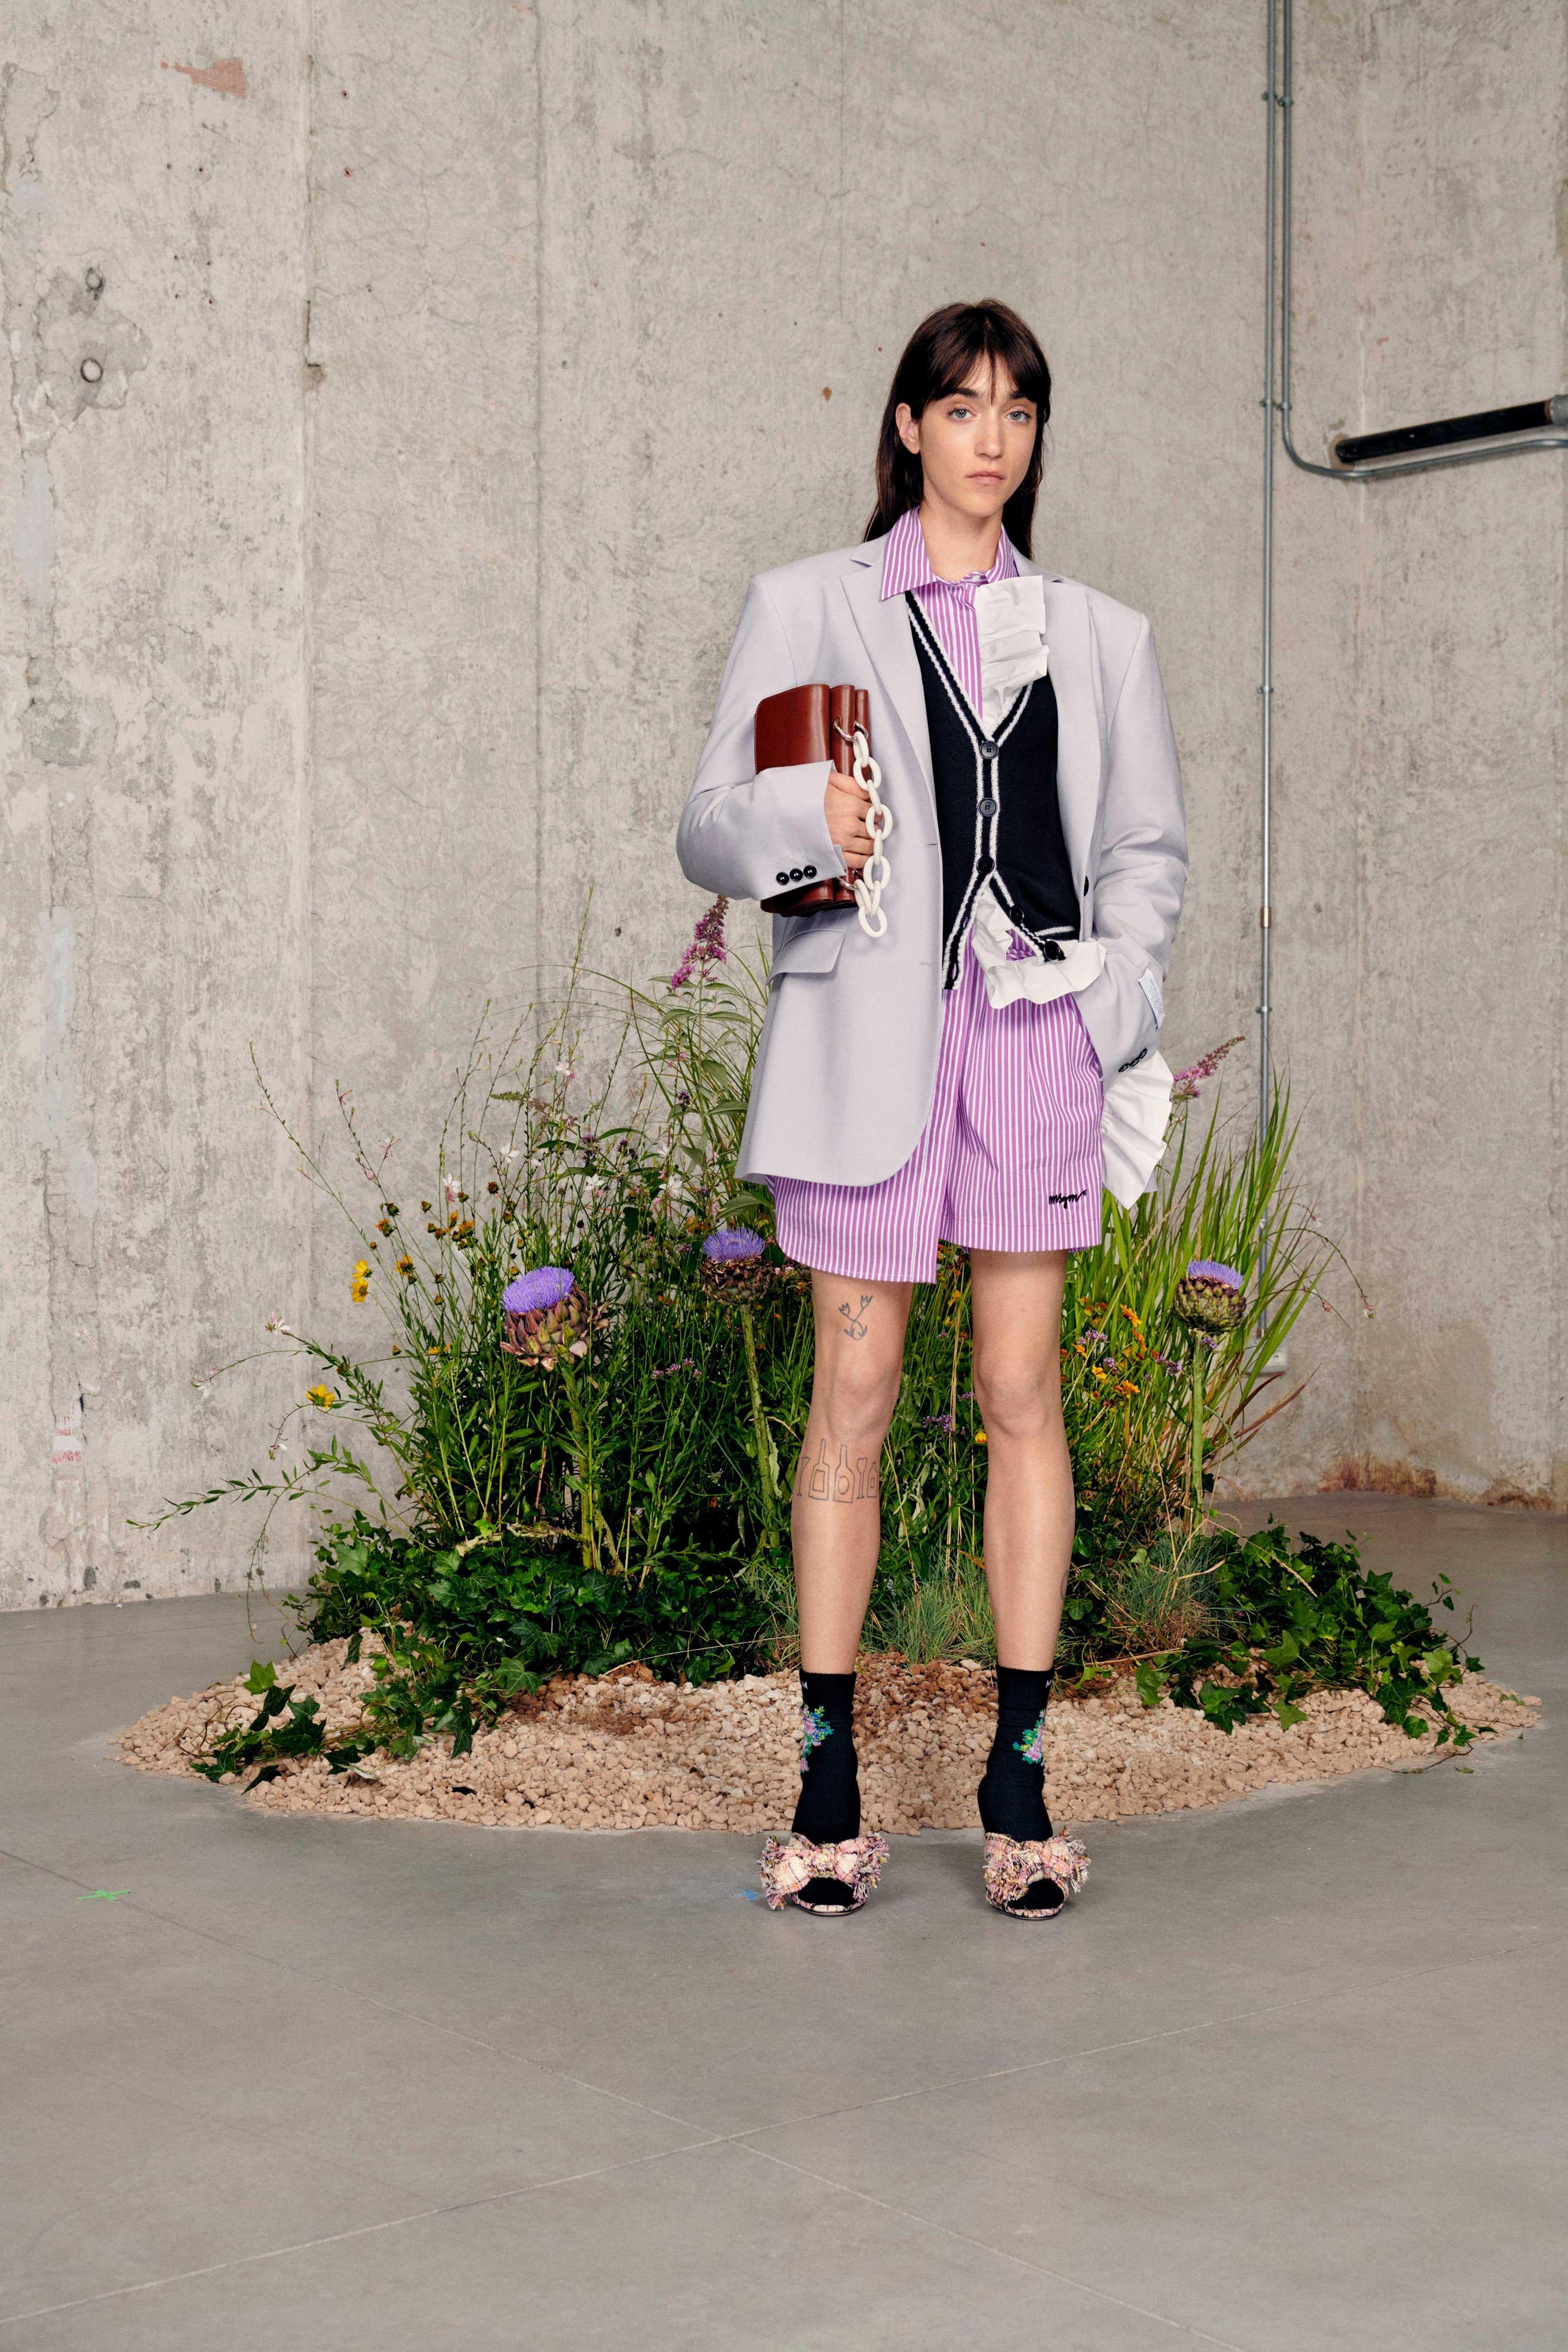 trang phục menswear màu pastel tím lilac - MSGM resort 2021